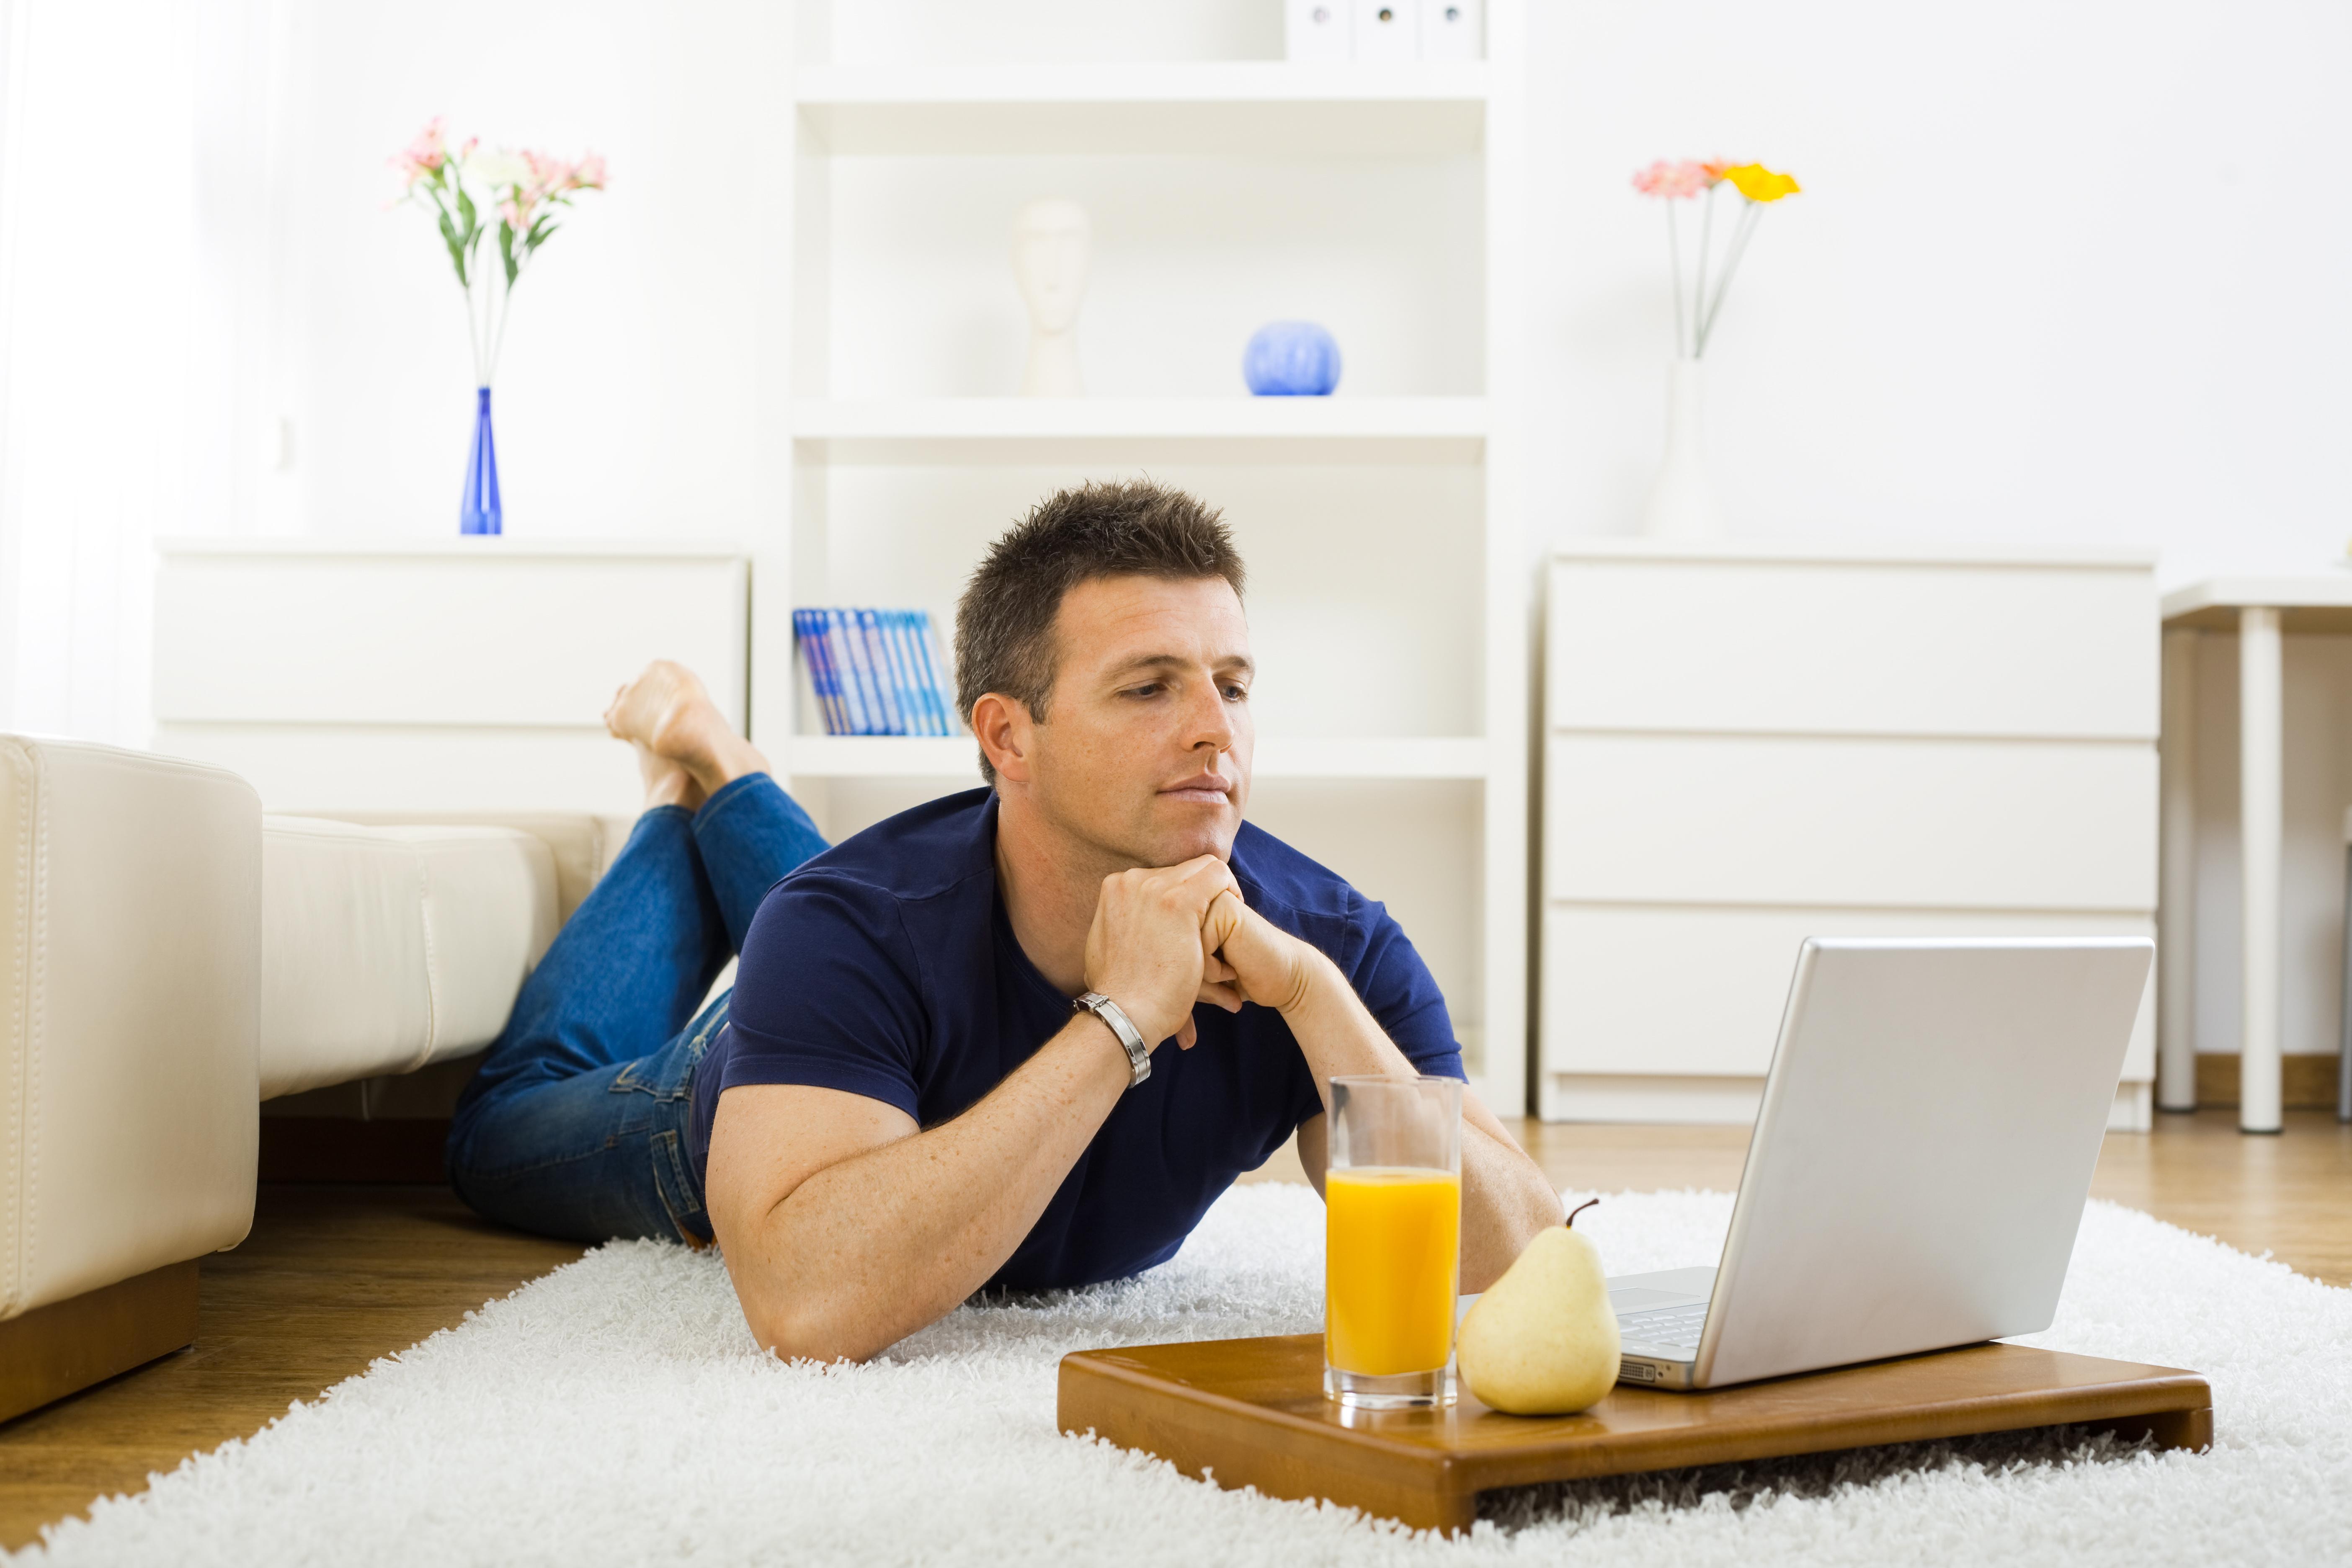 108 Preguntas y Respuestas Sobre el Teletrabajo y las Nuevas Profesiones